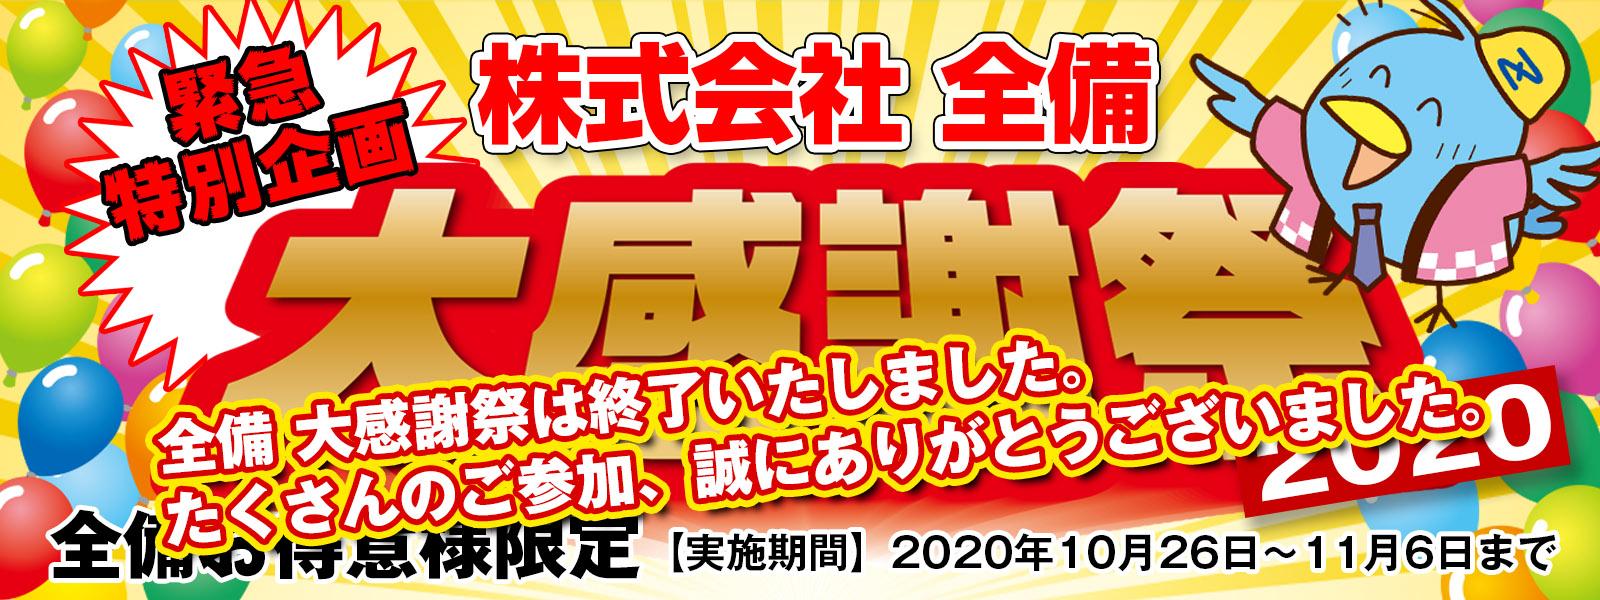 株式会社全備 大感謝祭2020